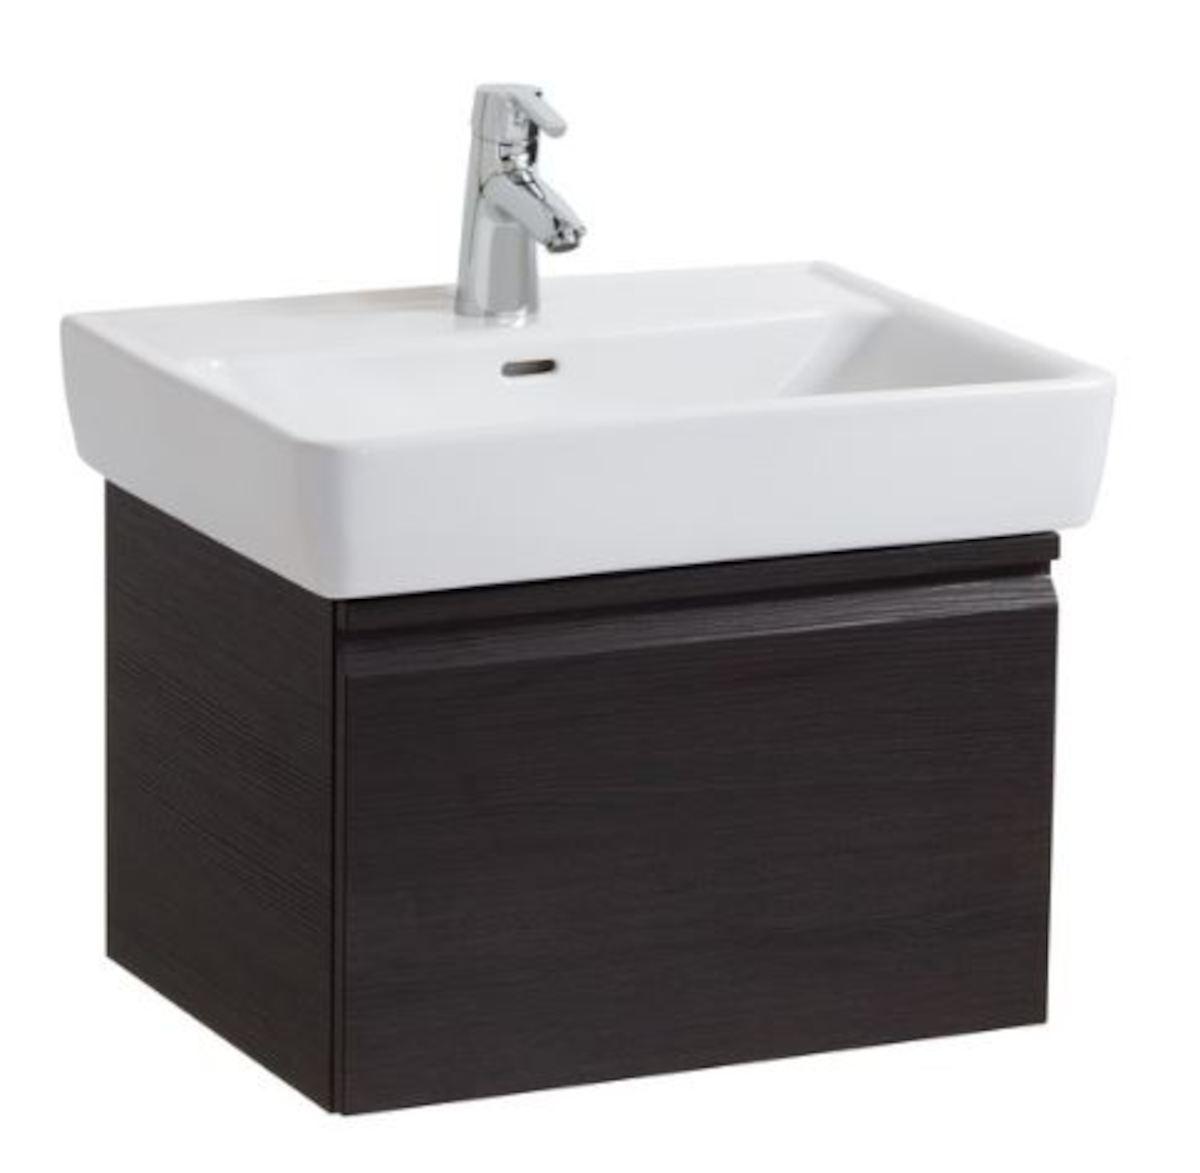 Kúpeľňová skrinka pod umývadlo Laufen Laufen Pro 57x45x39 cm wenge H4830420954231